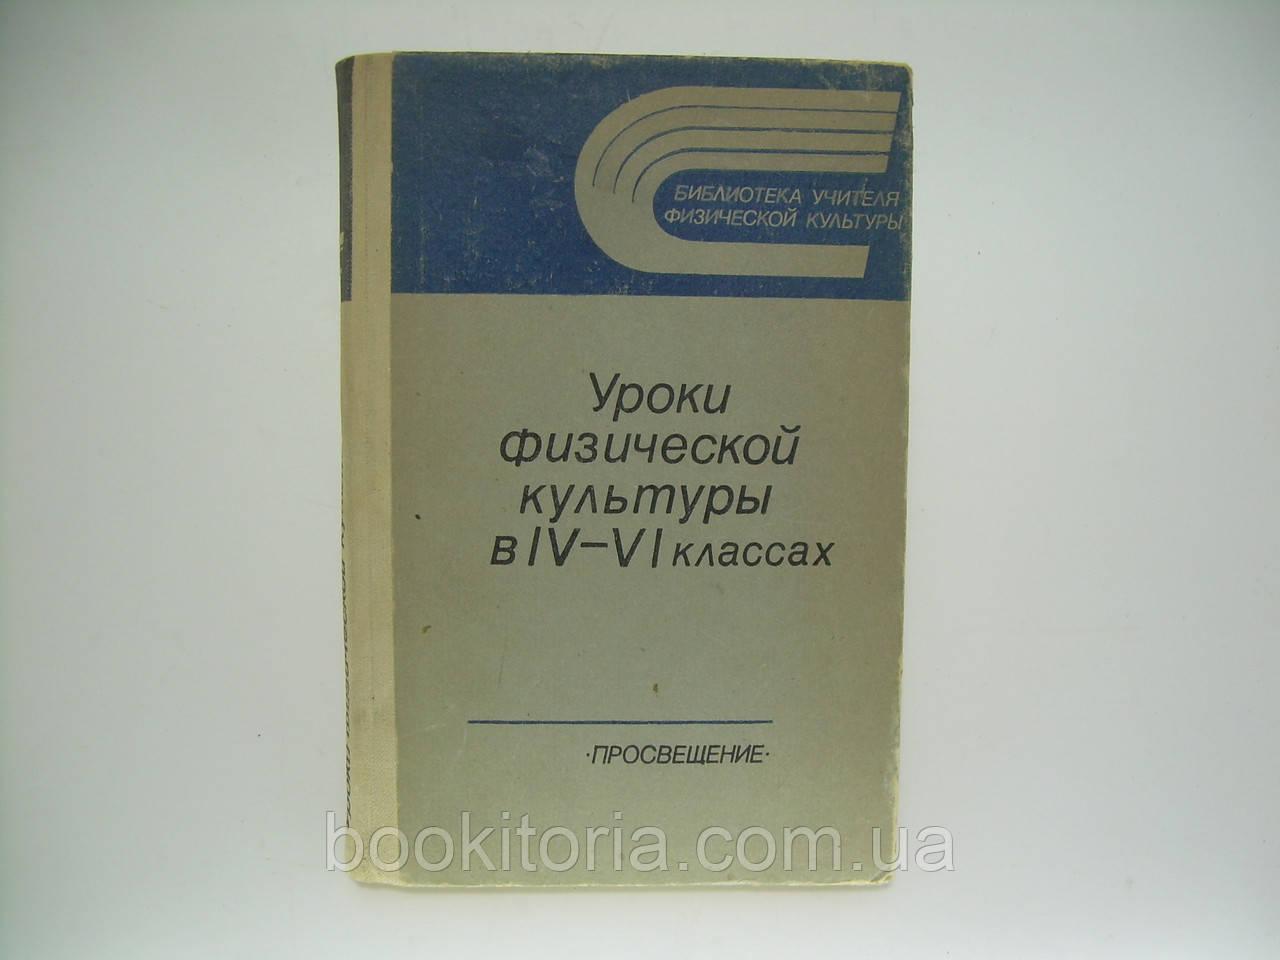 Уроки физической культуры в IV – VI классах (б/у).